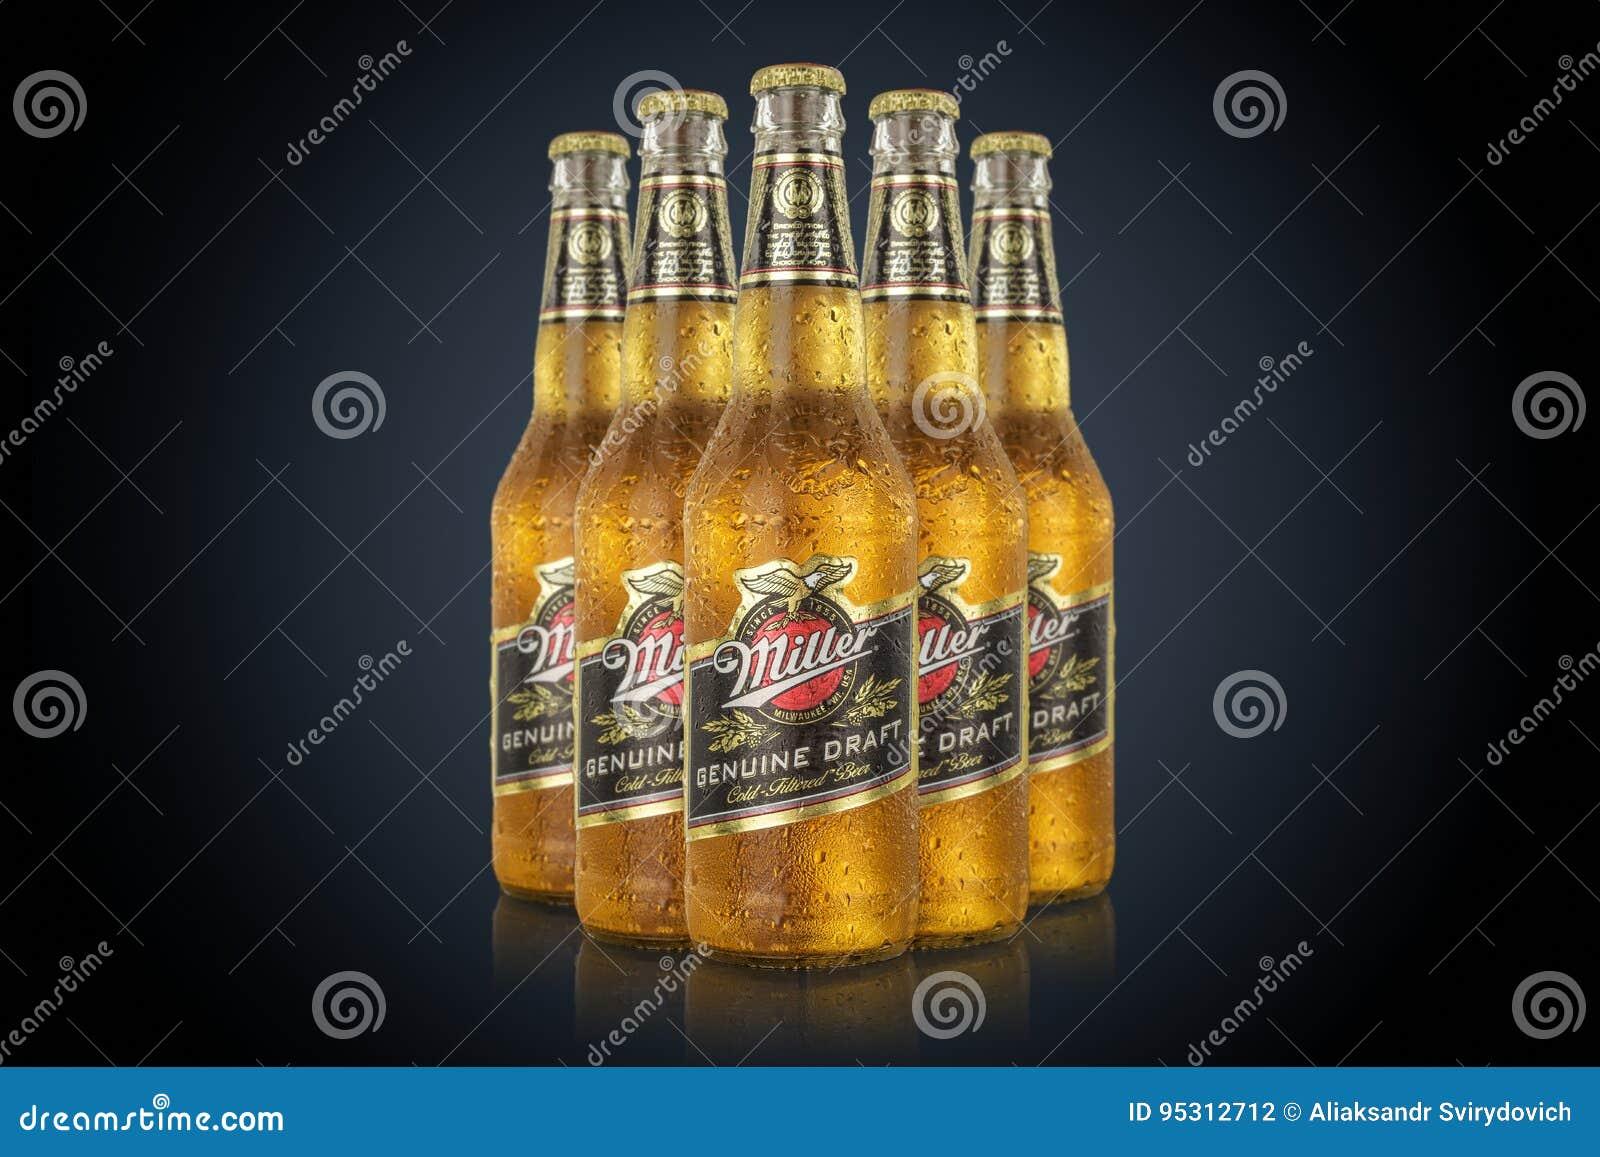 MINSK, BIELORUSSIA - 29 GIUGNO 2017: Una foto editoriale di cinque bottiglie Miller Genuine Draft Beer isolato sul nero Miller è